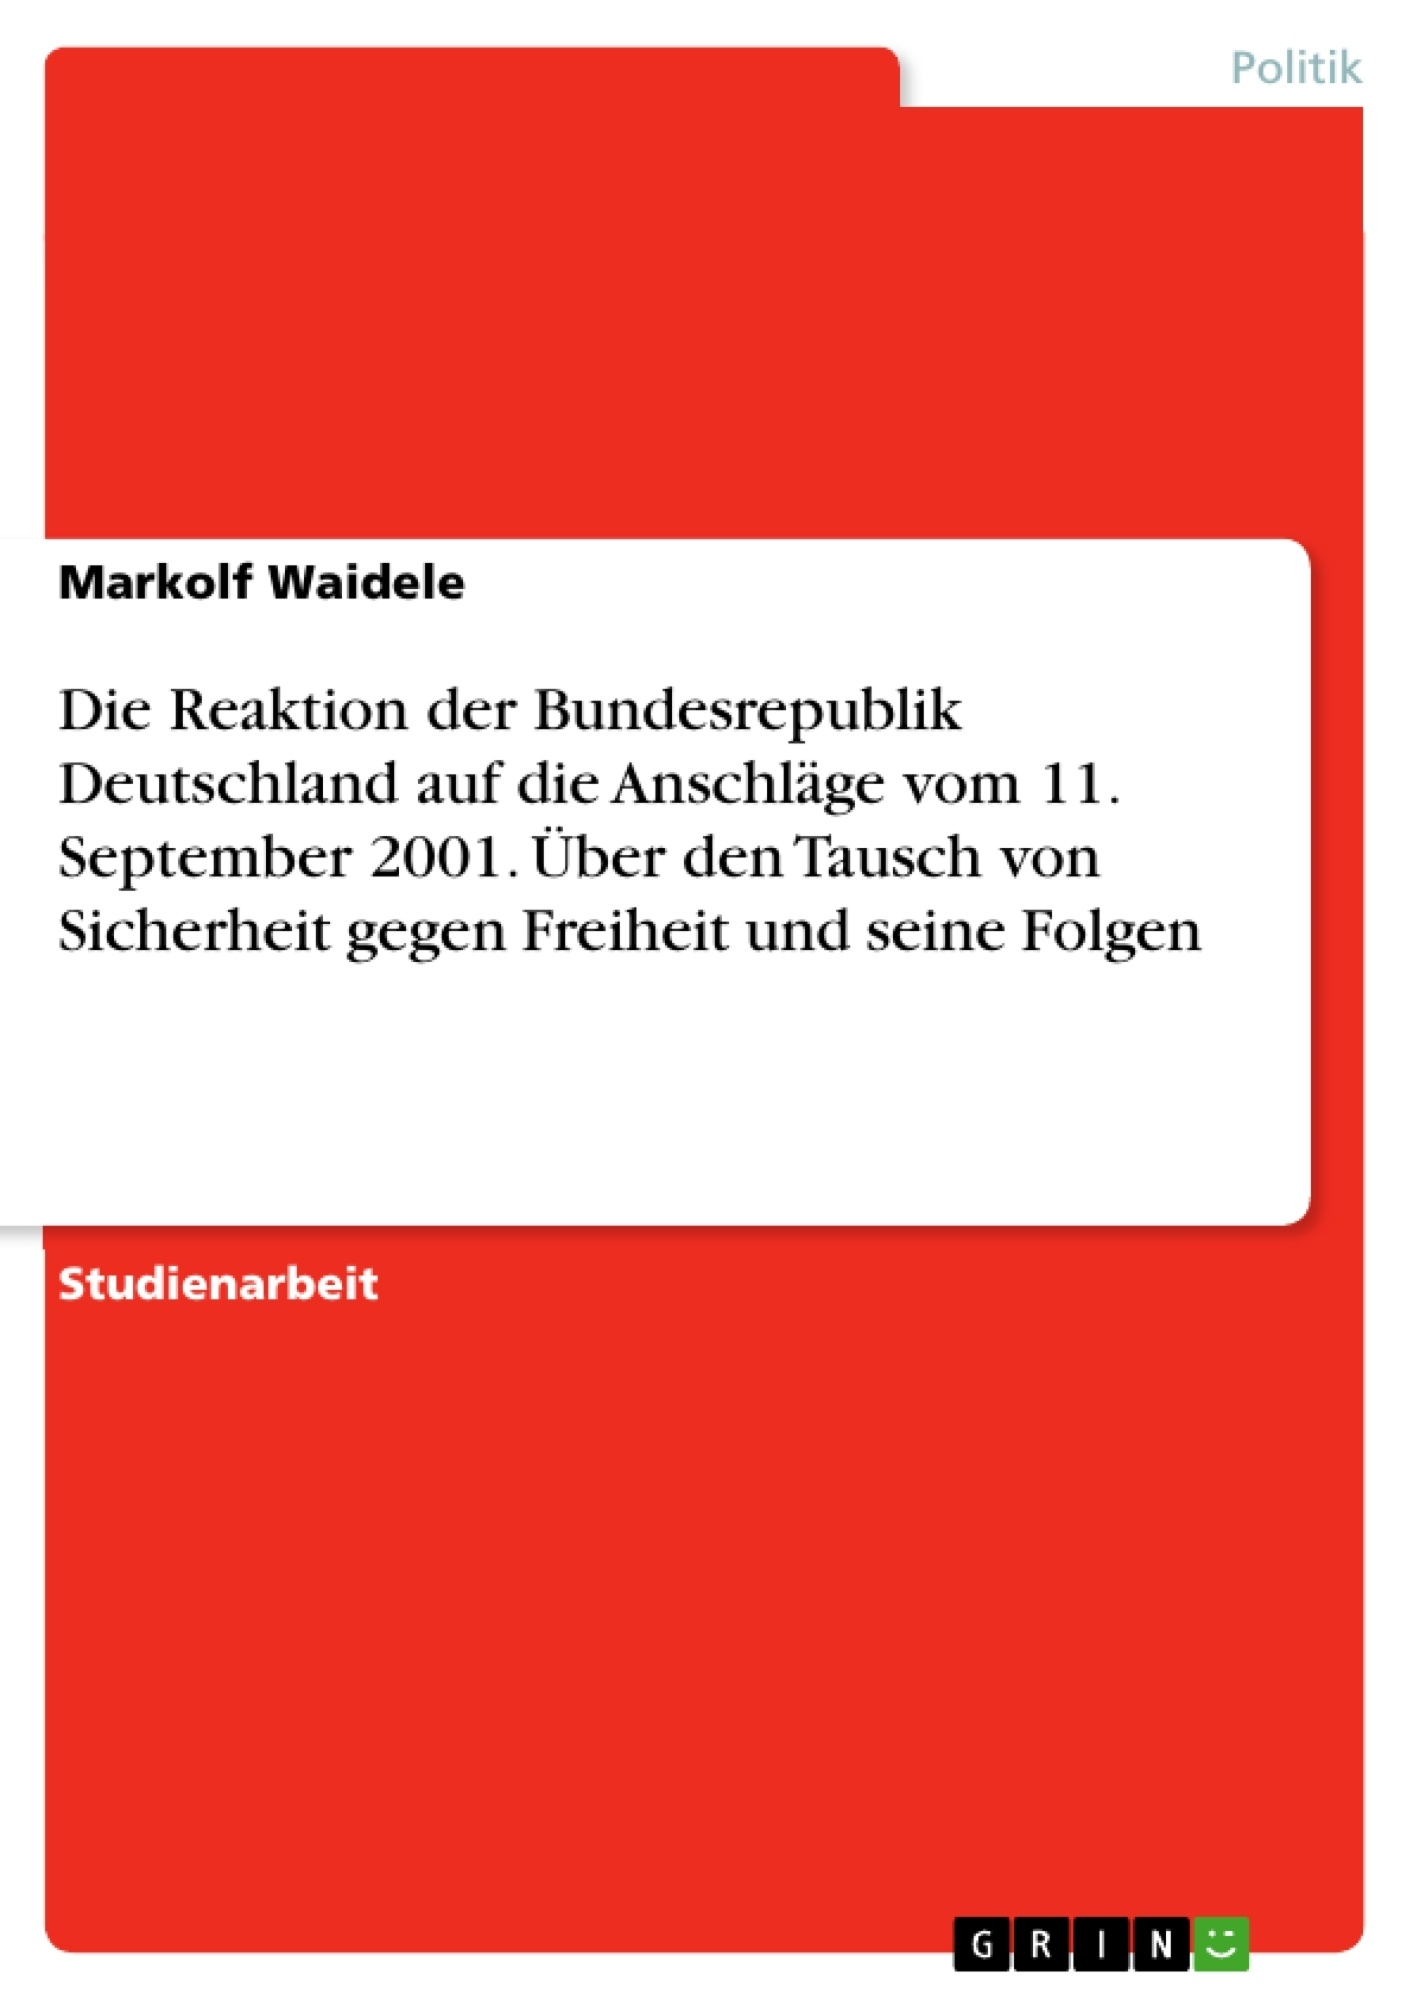 Titel: Die Reaktion der Bundesrepublik Deutschland auf die Anschläge vom 11. September 2001. Über den Tausch von Sicherheit gegen Freiheit und seine Folgen